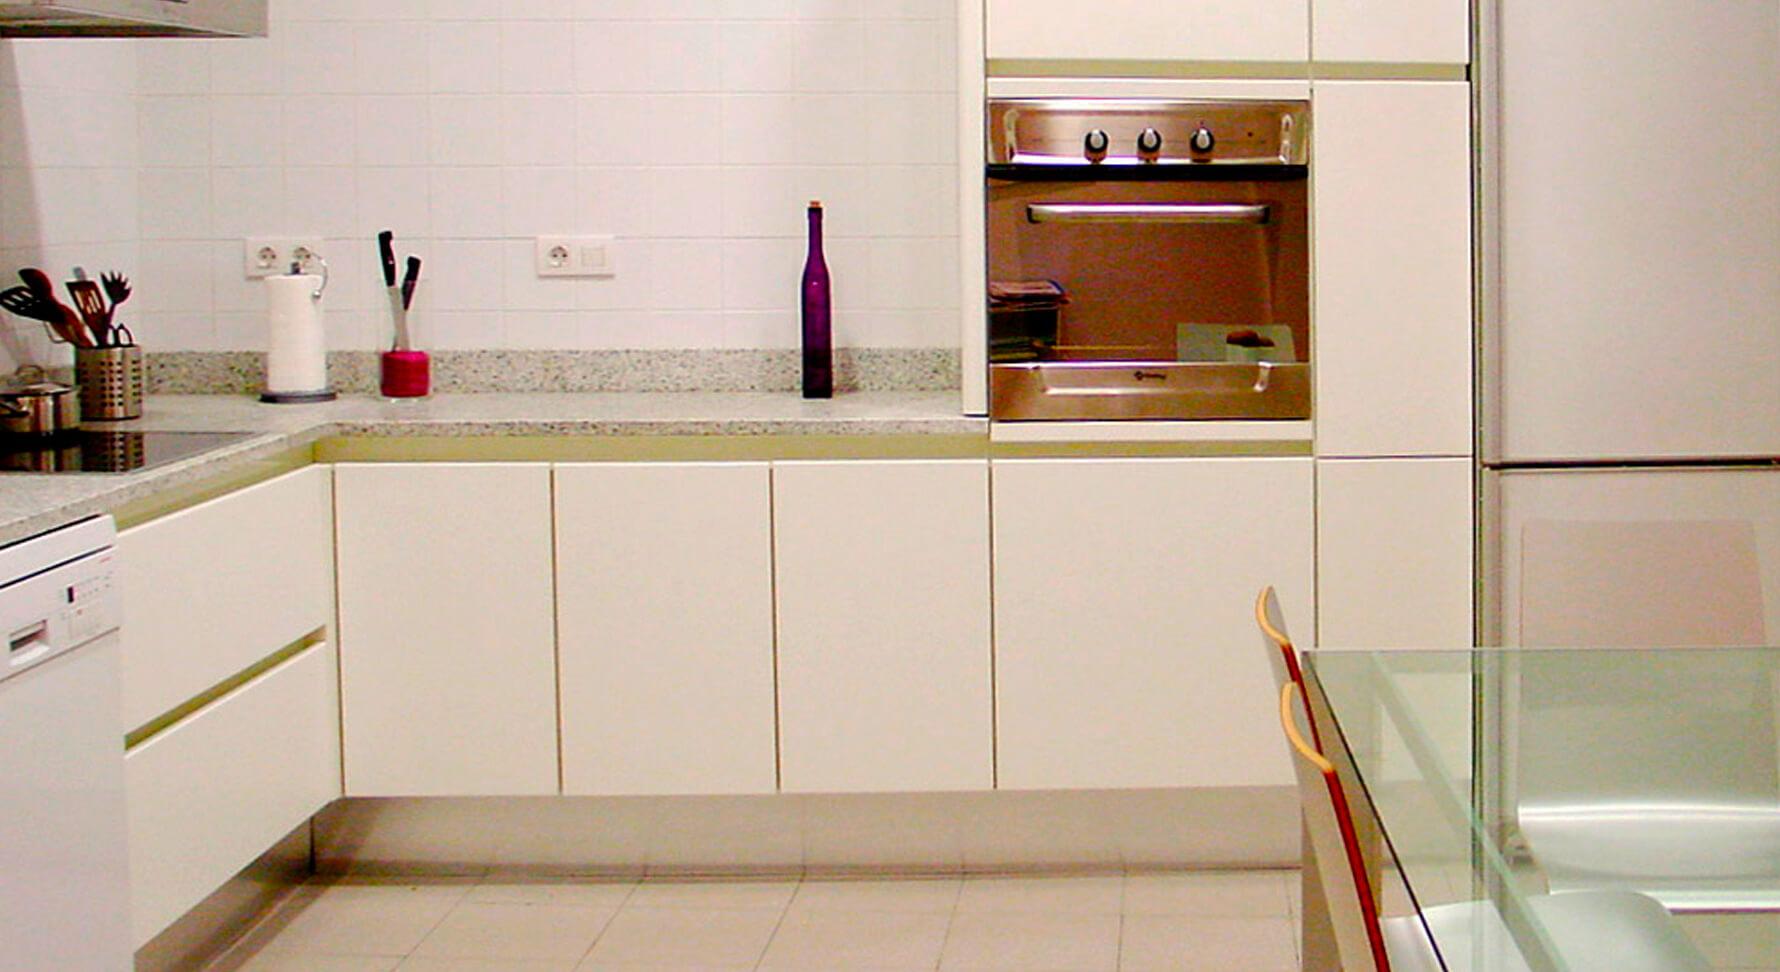 Cu nto cuesta reformar una casa manual paso a paso - Cuanto vale una reforma de un piso ...